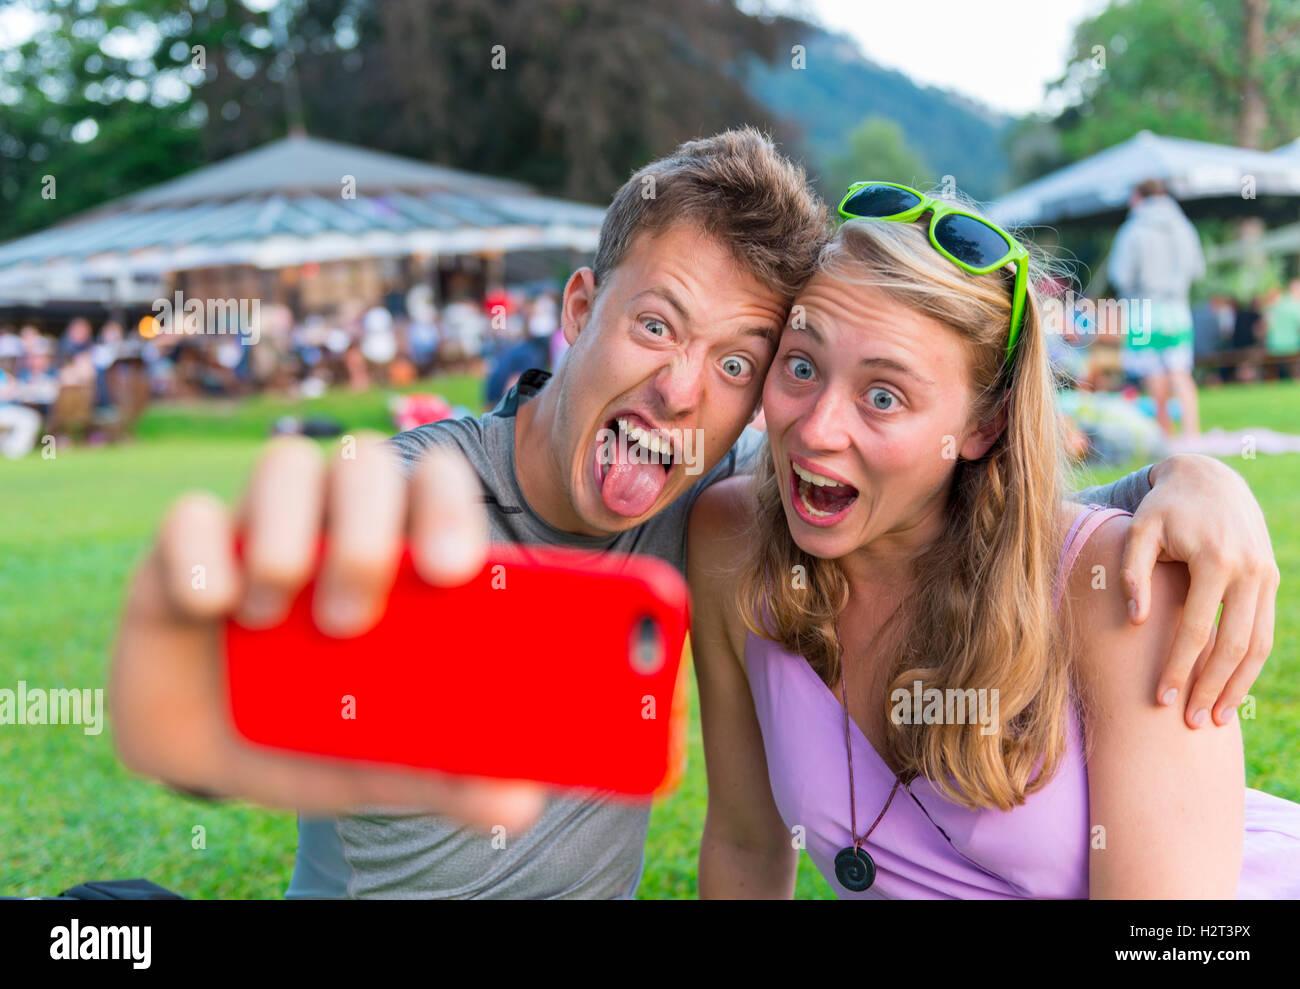 Junger Mann und junge Frau Grimassen, Foto mit Handy, Selfie, Bayern, Deutschland Stockbild